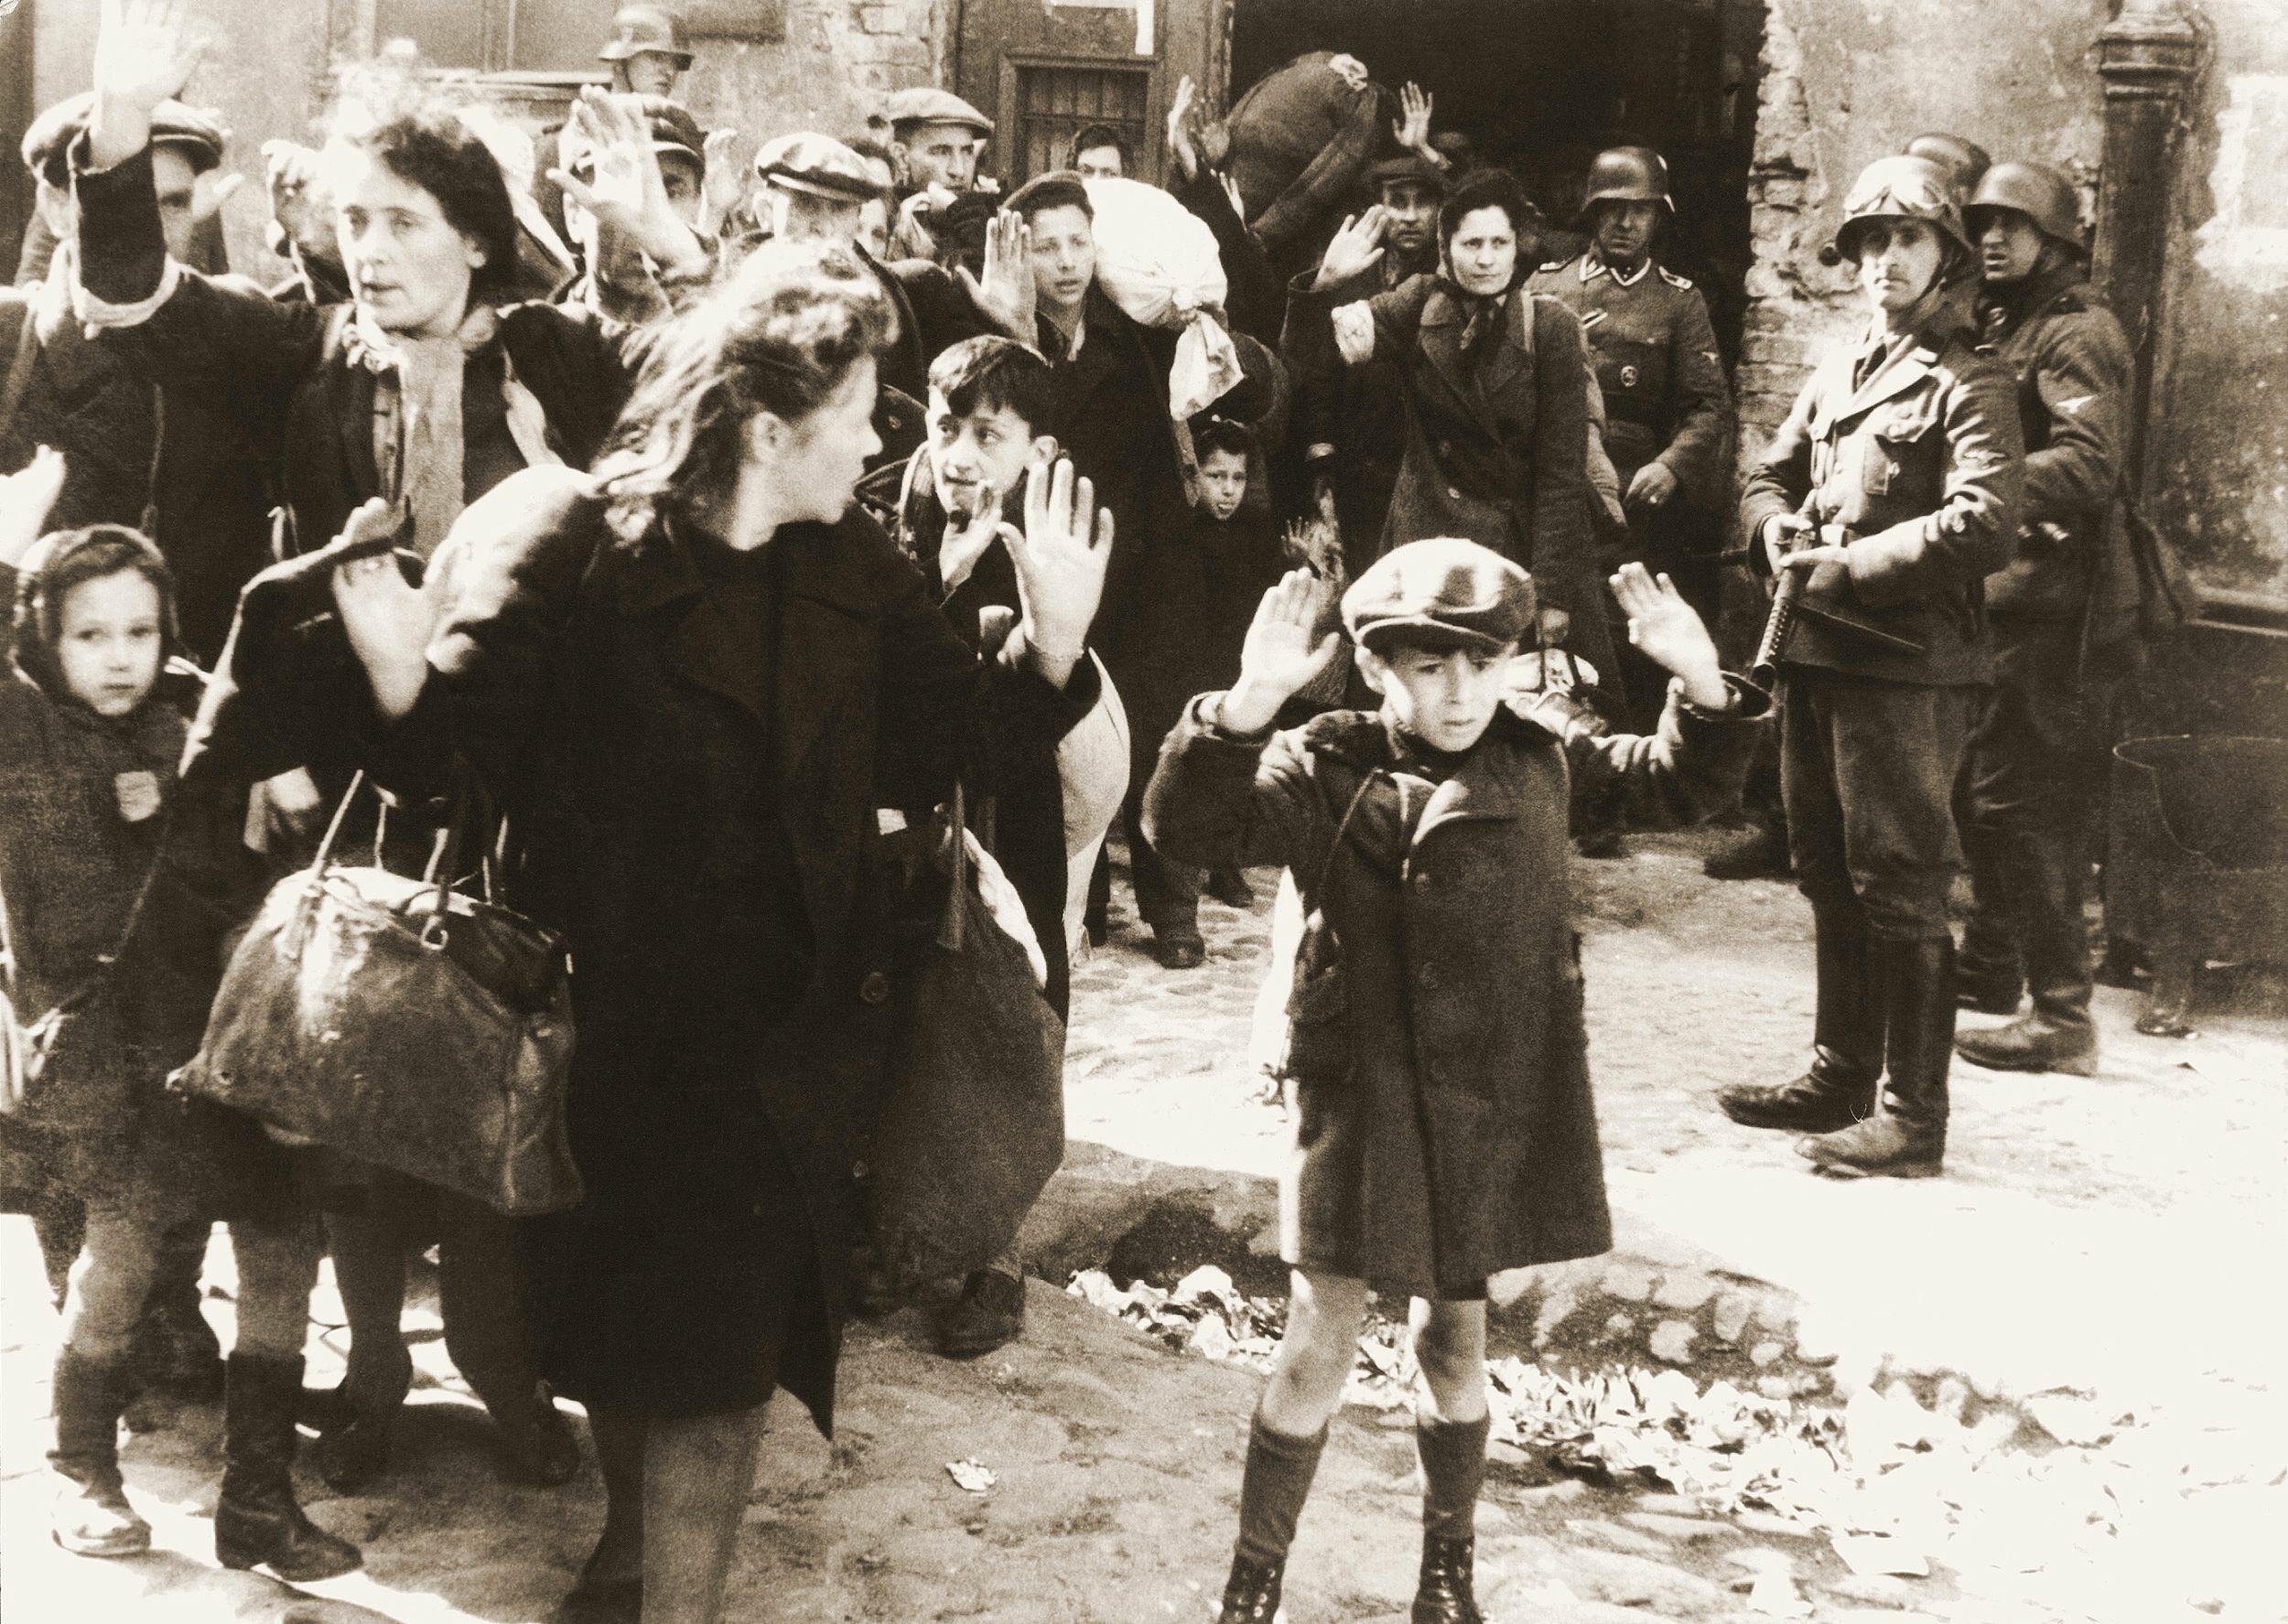 Żydzi pojmani przez SS w trakcie powstania w getcie warszawskim